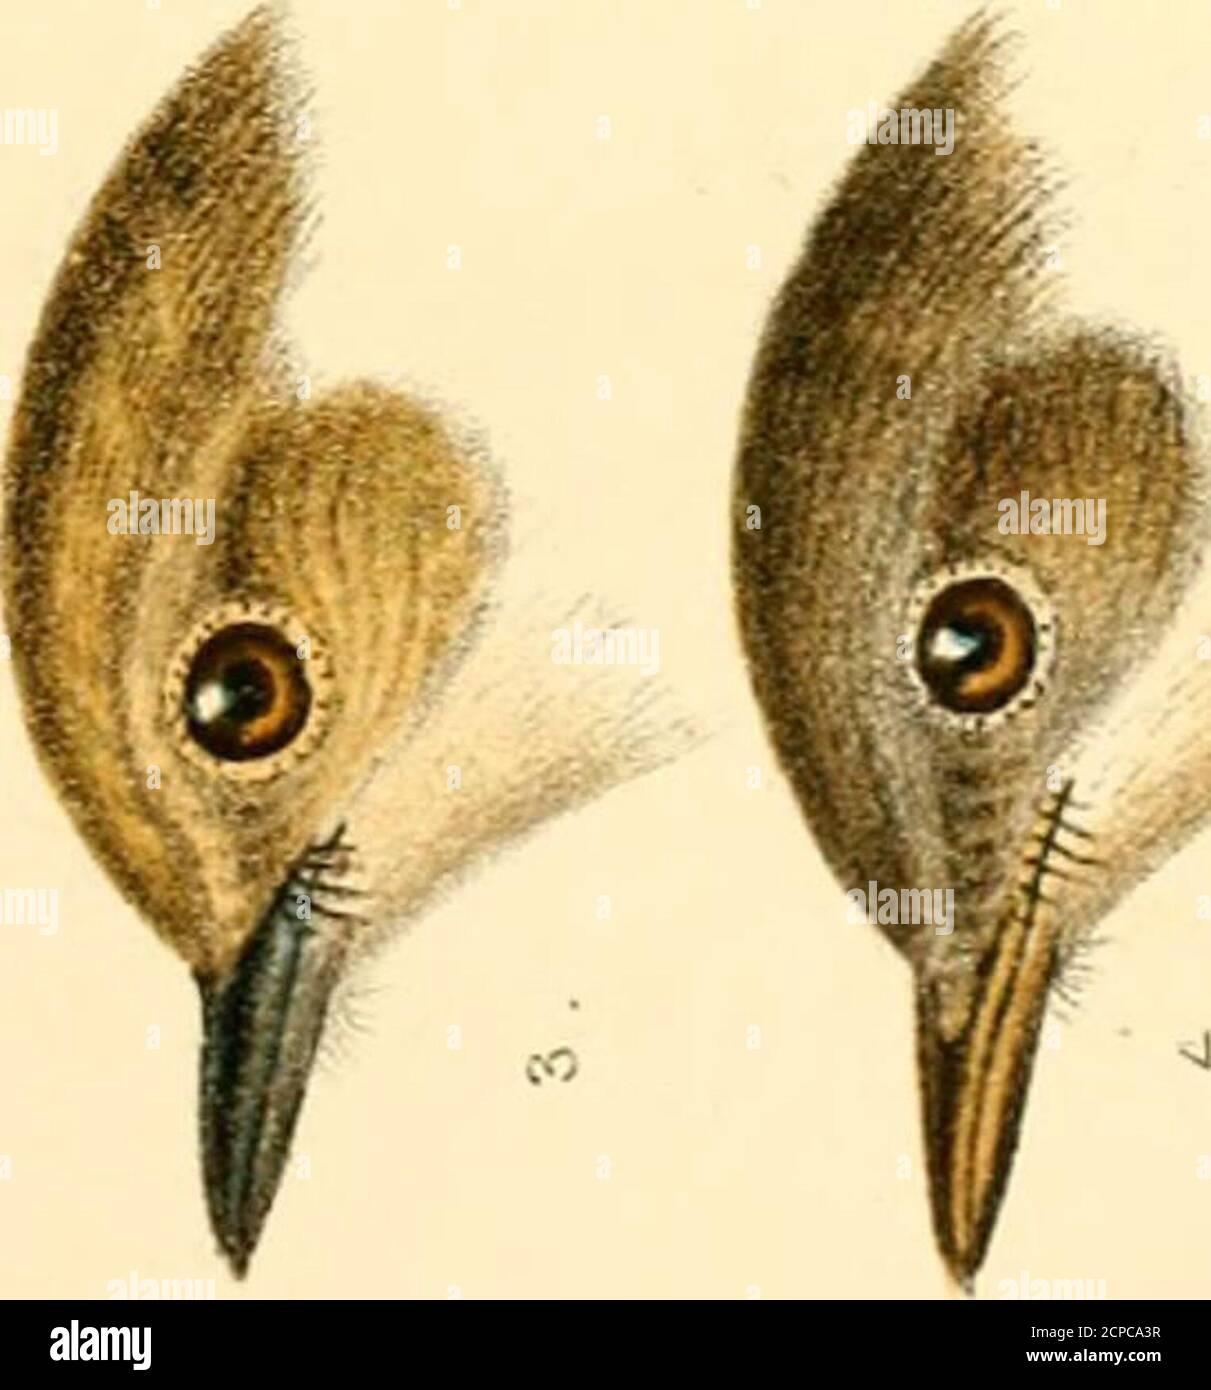 . Un manuel des oiseaux britanniques, montrant la répartition des espèces résidentes et migratrices dans les îles britanniques, avec un index des enregistrements des visiteurs rarer . tn ►^ ro dx 0+ fc: rt •si? u ^- »—. rt • — u ^ sj o rt 00 FINCHES 81 il est ainsi appelé par Pennant, Brit. Zool., 1768; par Gilbert White (lettre viii. À Barrington), par mon-tagu ( Orn. Suppl Diet, and Letter to White, 21stMay 1789), et par Markwick (observations onmigration, Trans. Ligne SOC, 1789, p. 125). Dans le nouveau général Hist. Oiseaux, 2 vol. 12mo, 1745, il est mentionné comme Aherdavine, dans certains endroits appelé theBarley-oiseau. Rutty ( N Banque D'Images